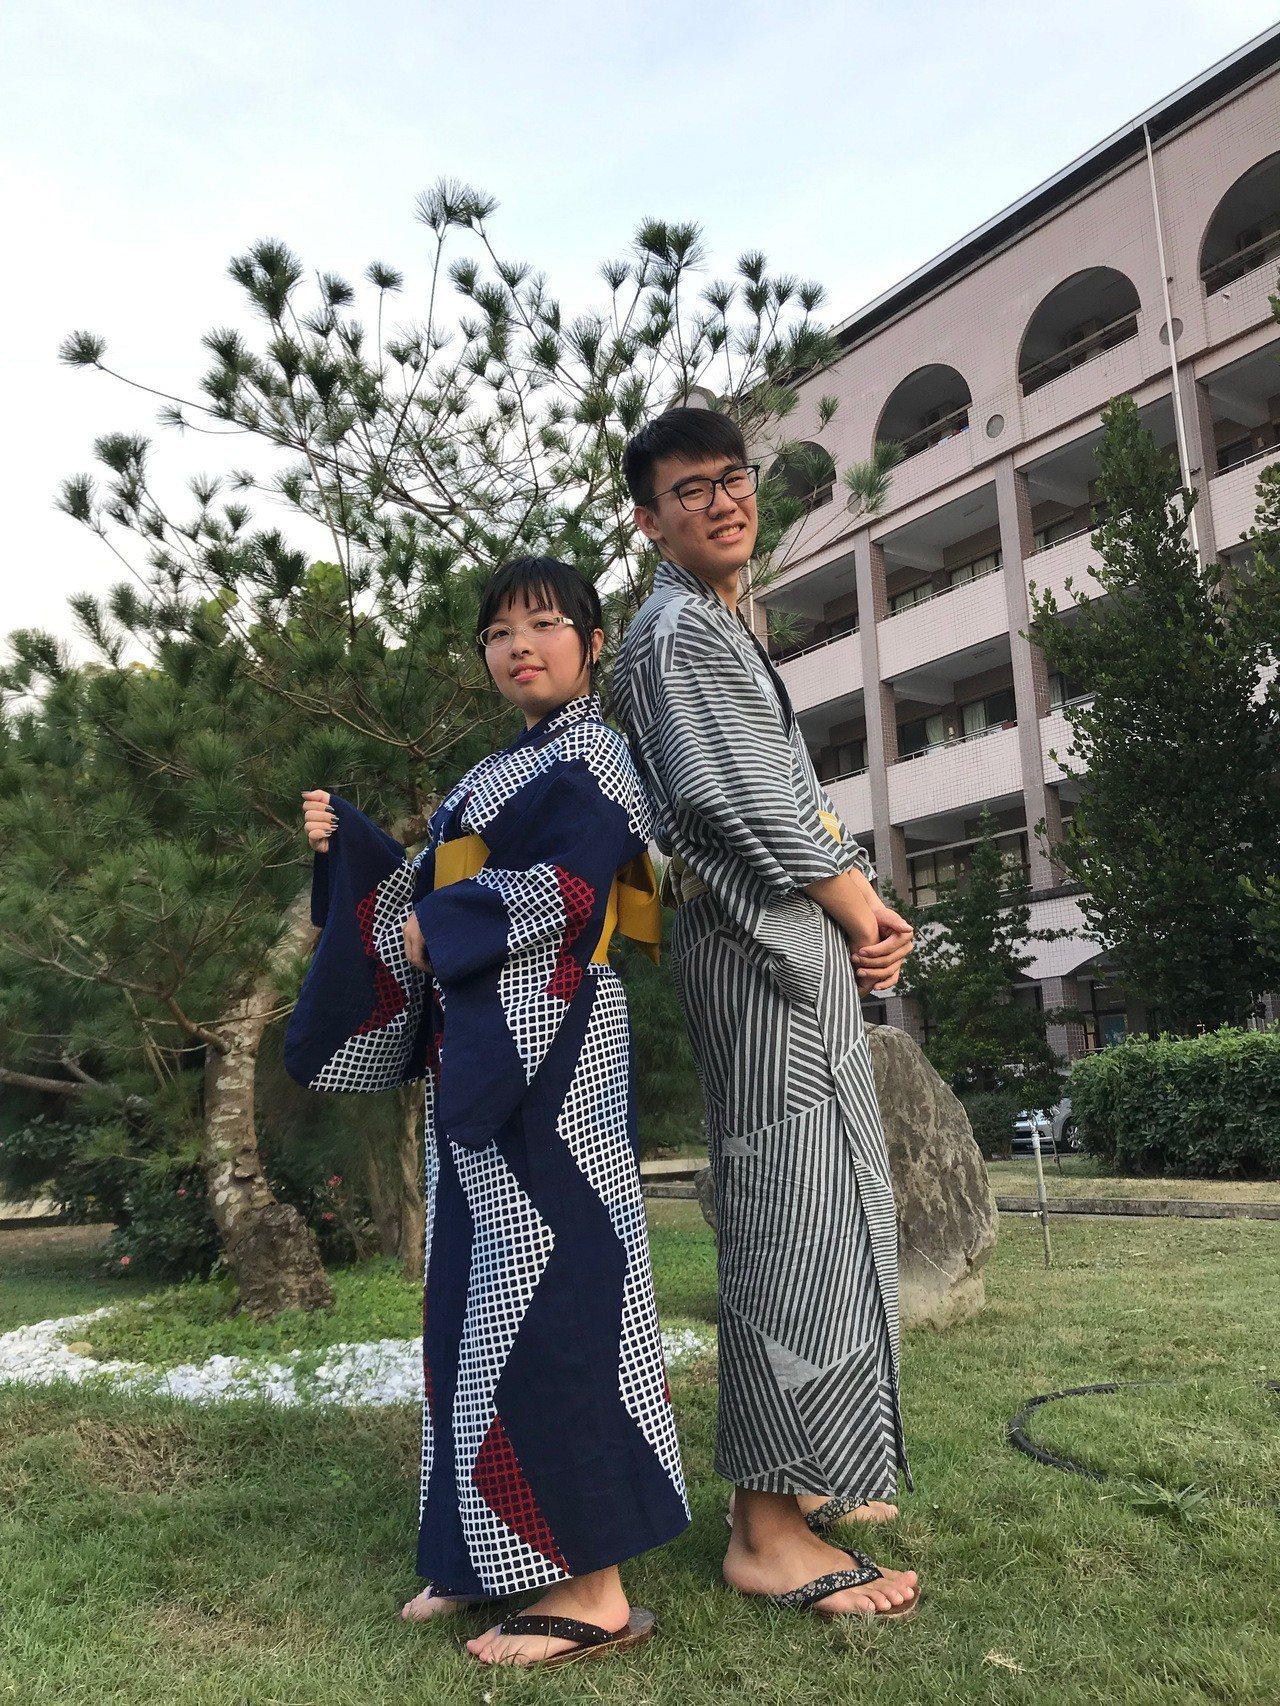 潮州高中三年級學生林艷(左)和屈力承(右)穿上日本傳統服飾浴衣來進行展示。記者蔣...